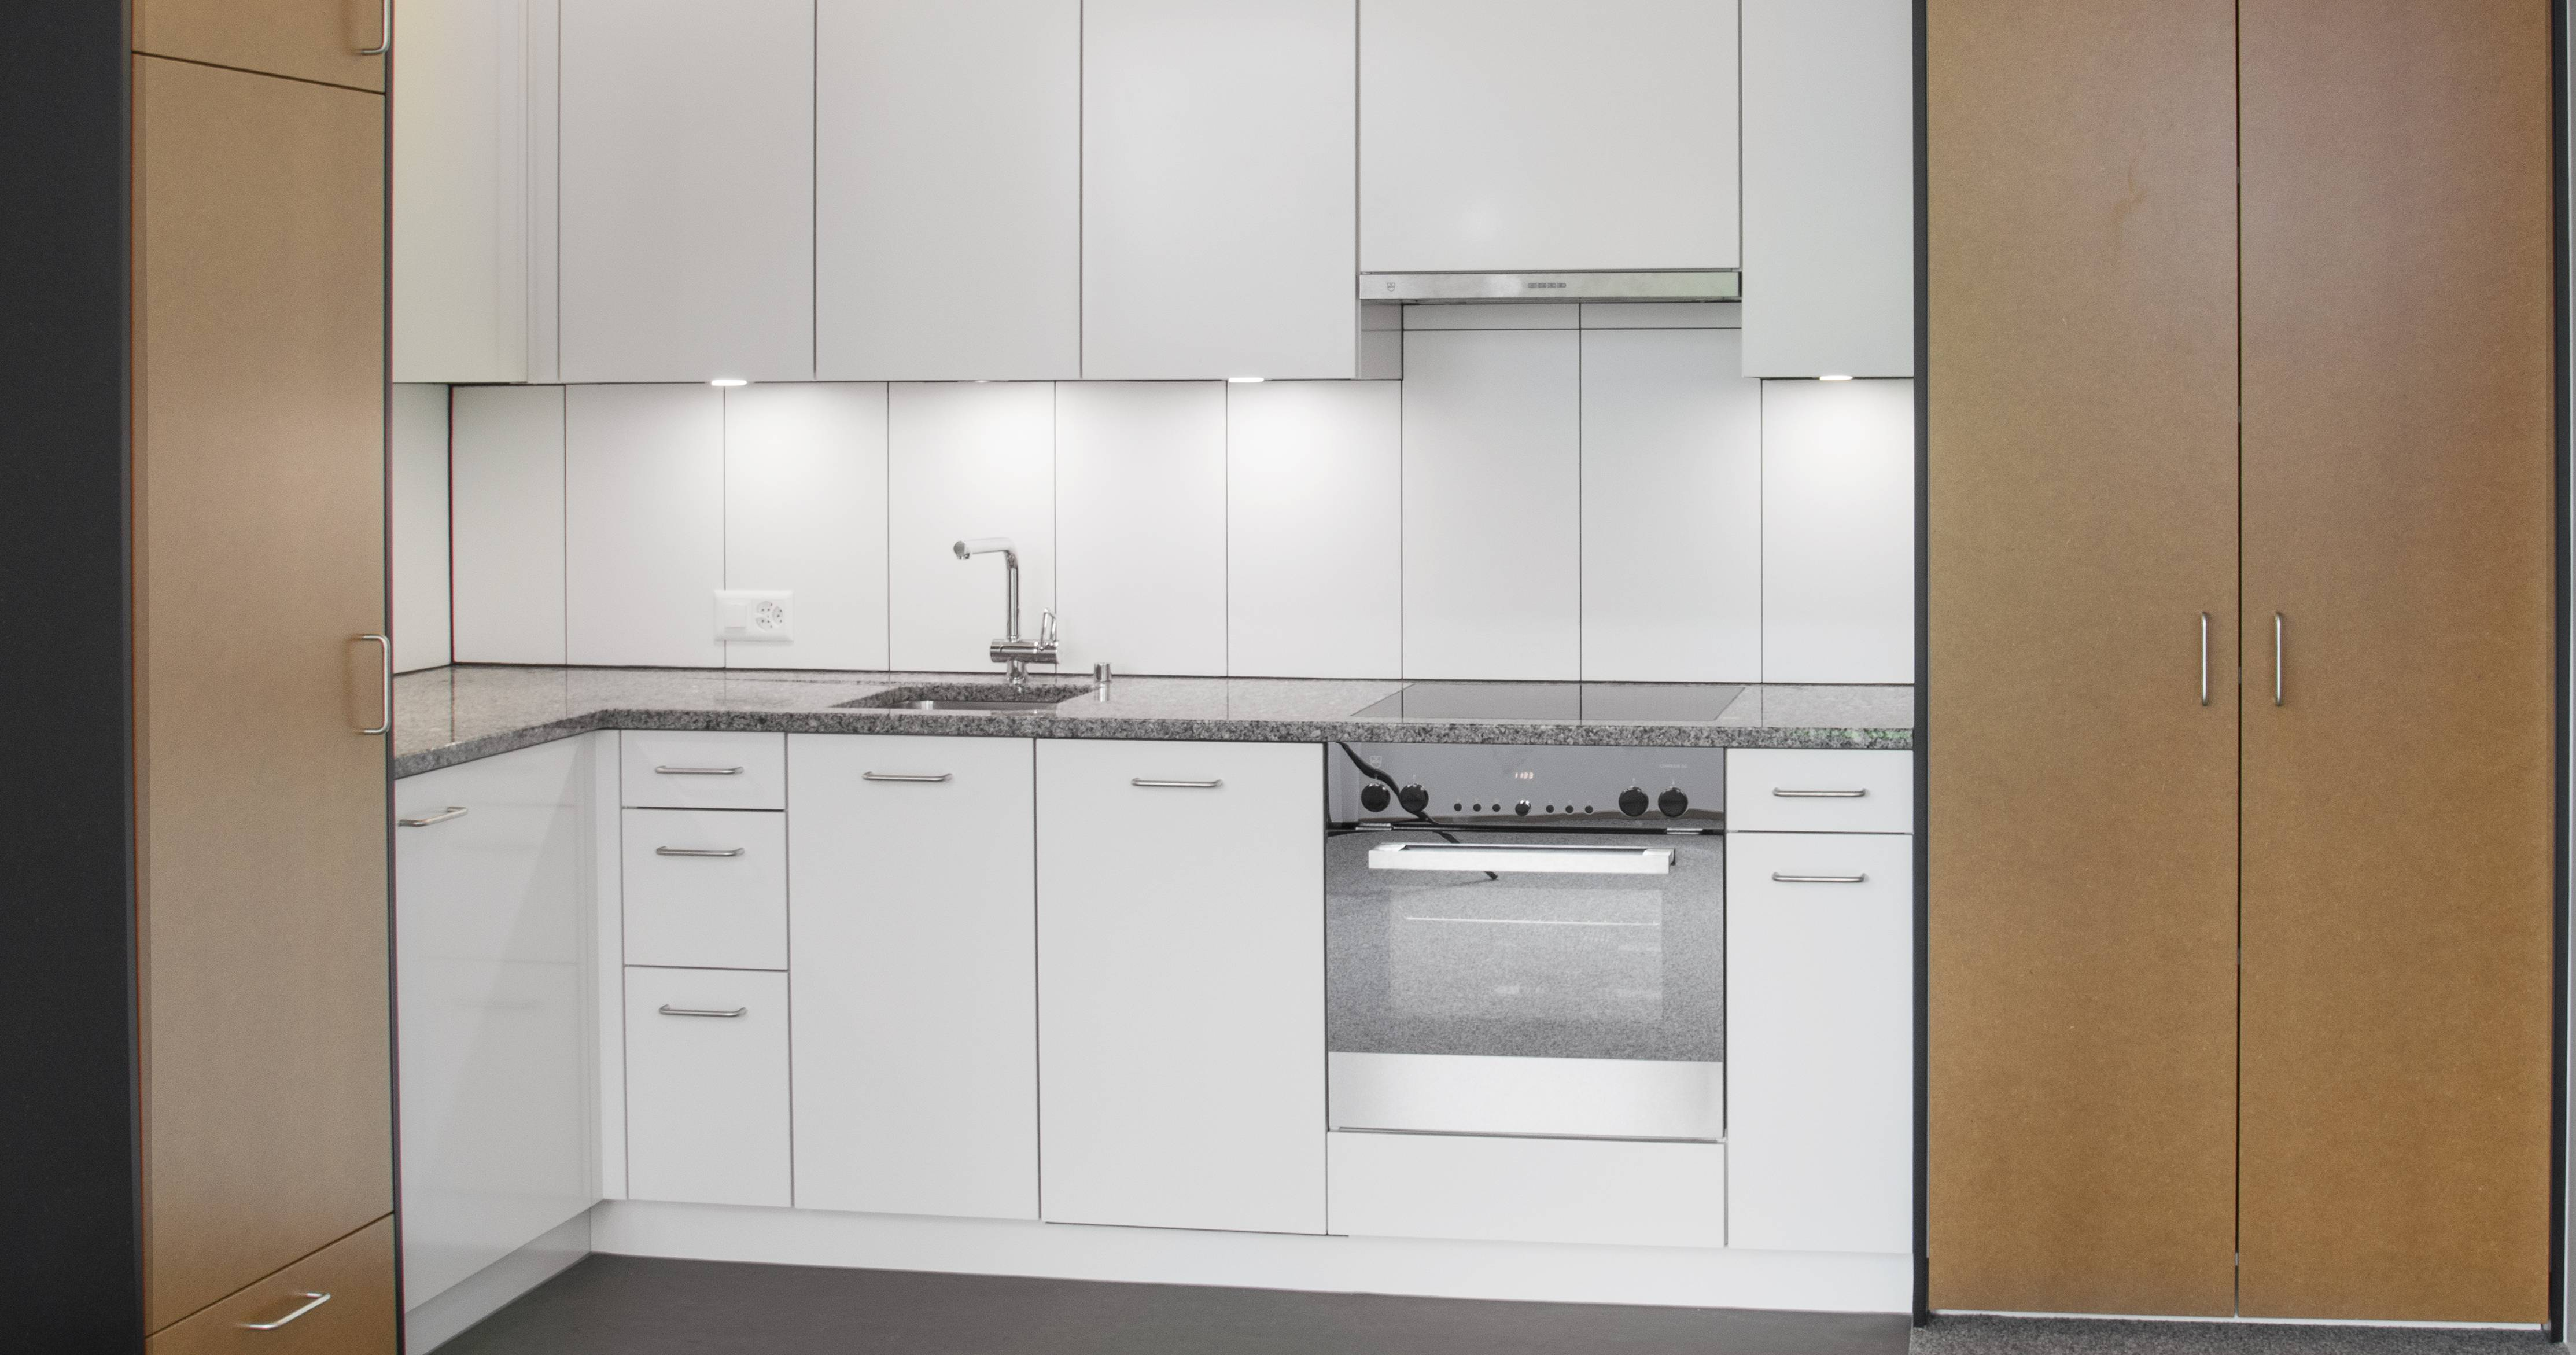 Ziemlich Klassische Küchen Und Bäder Ventura Bilder - Küchen Ideen ...